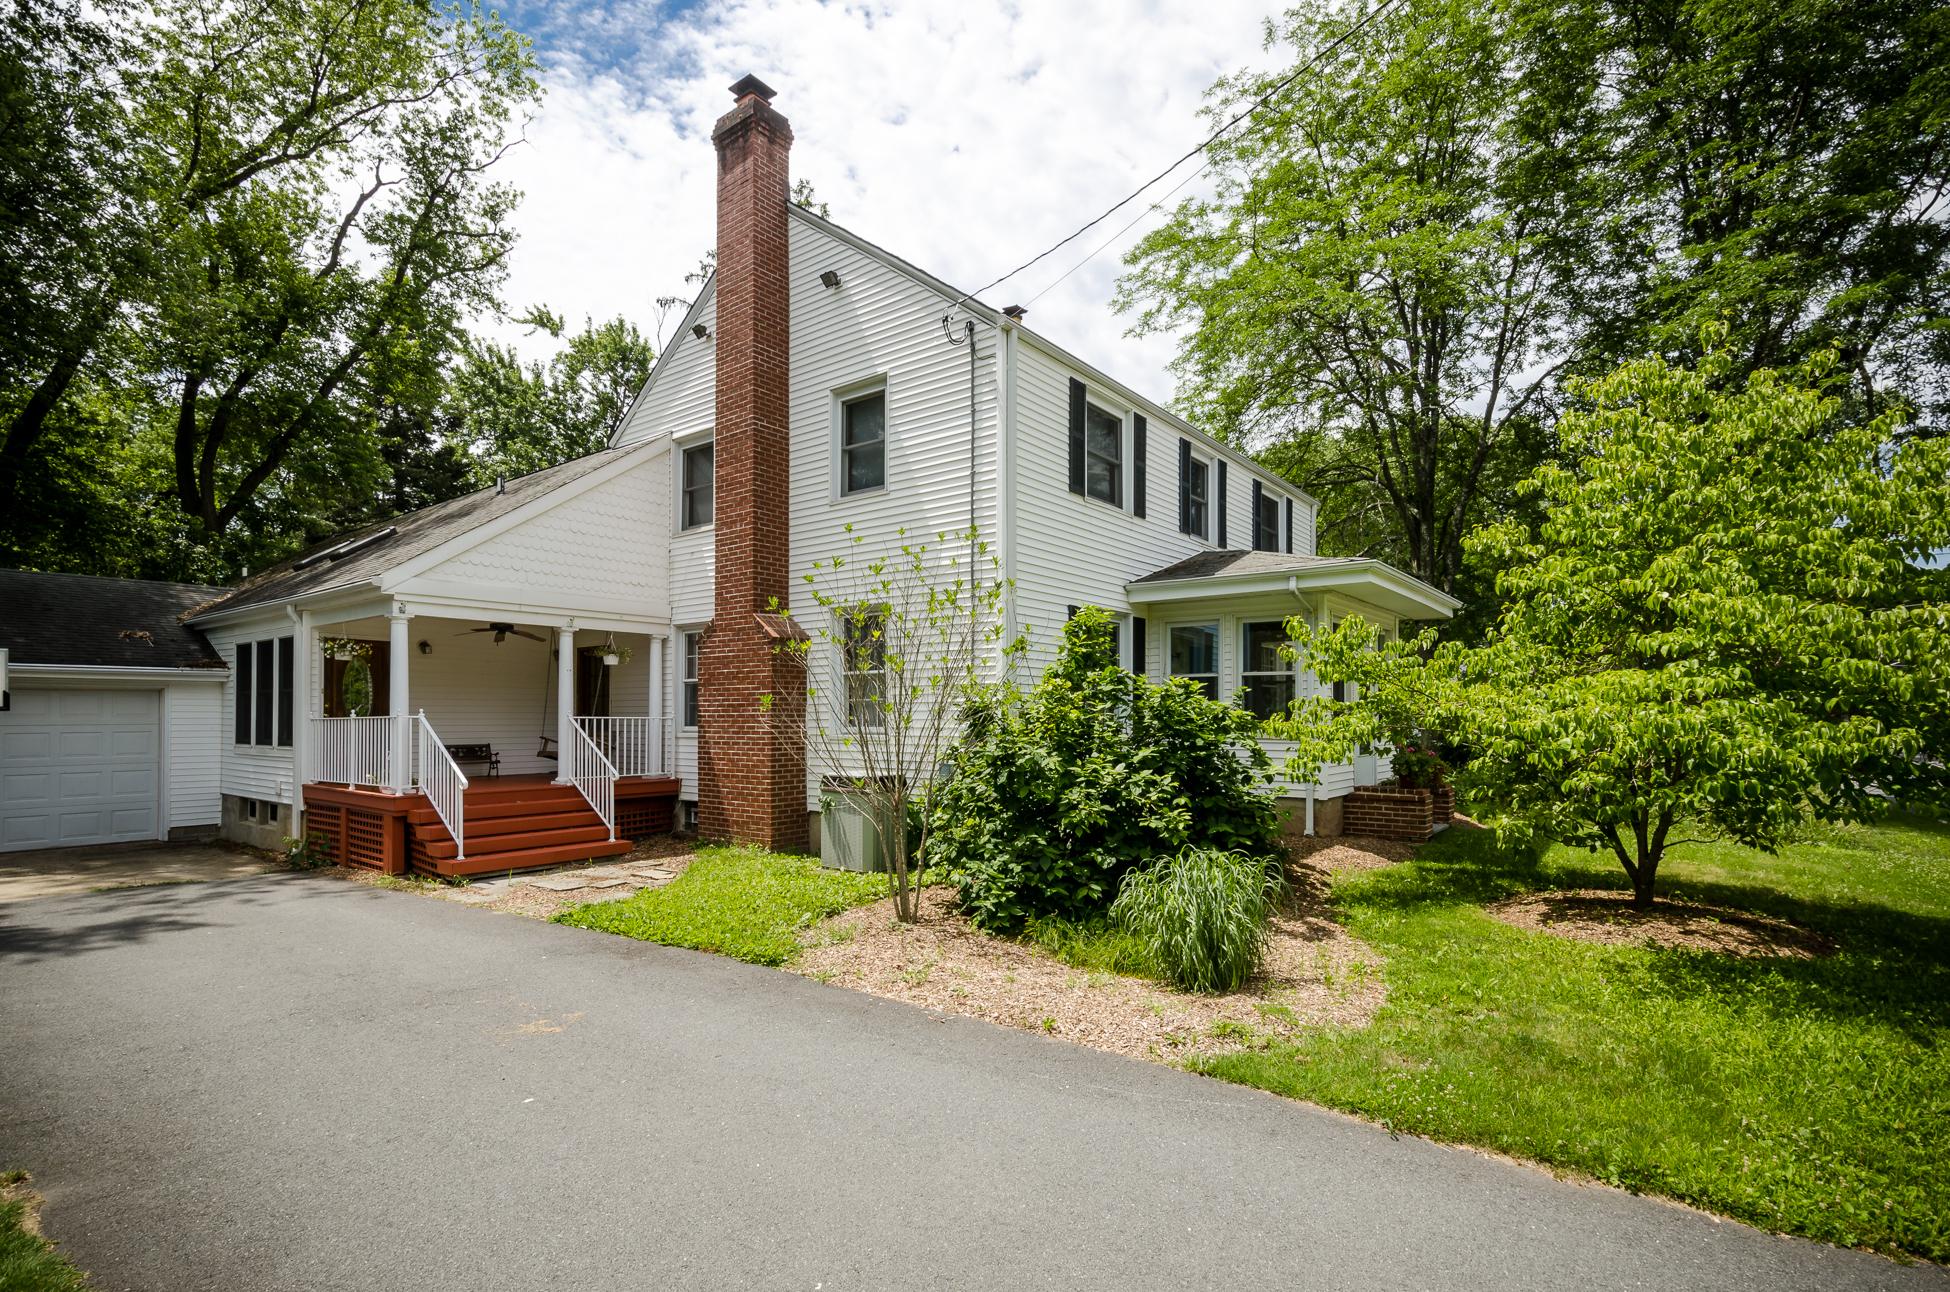 一戸建て のために 売買 アット Great Location, Great Style 26 Edgemere Avenue Plainsboro, ニュージャージー 08536 アメリカ合衆国